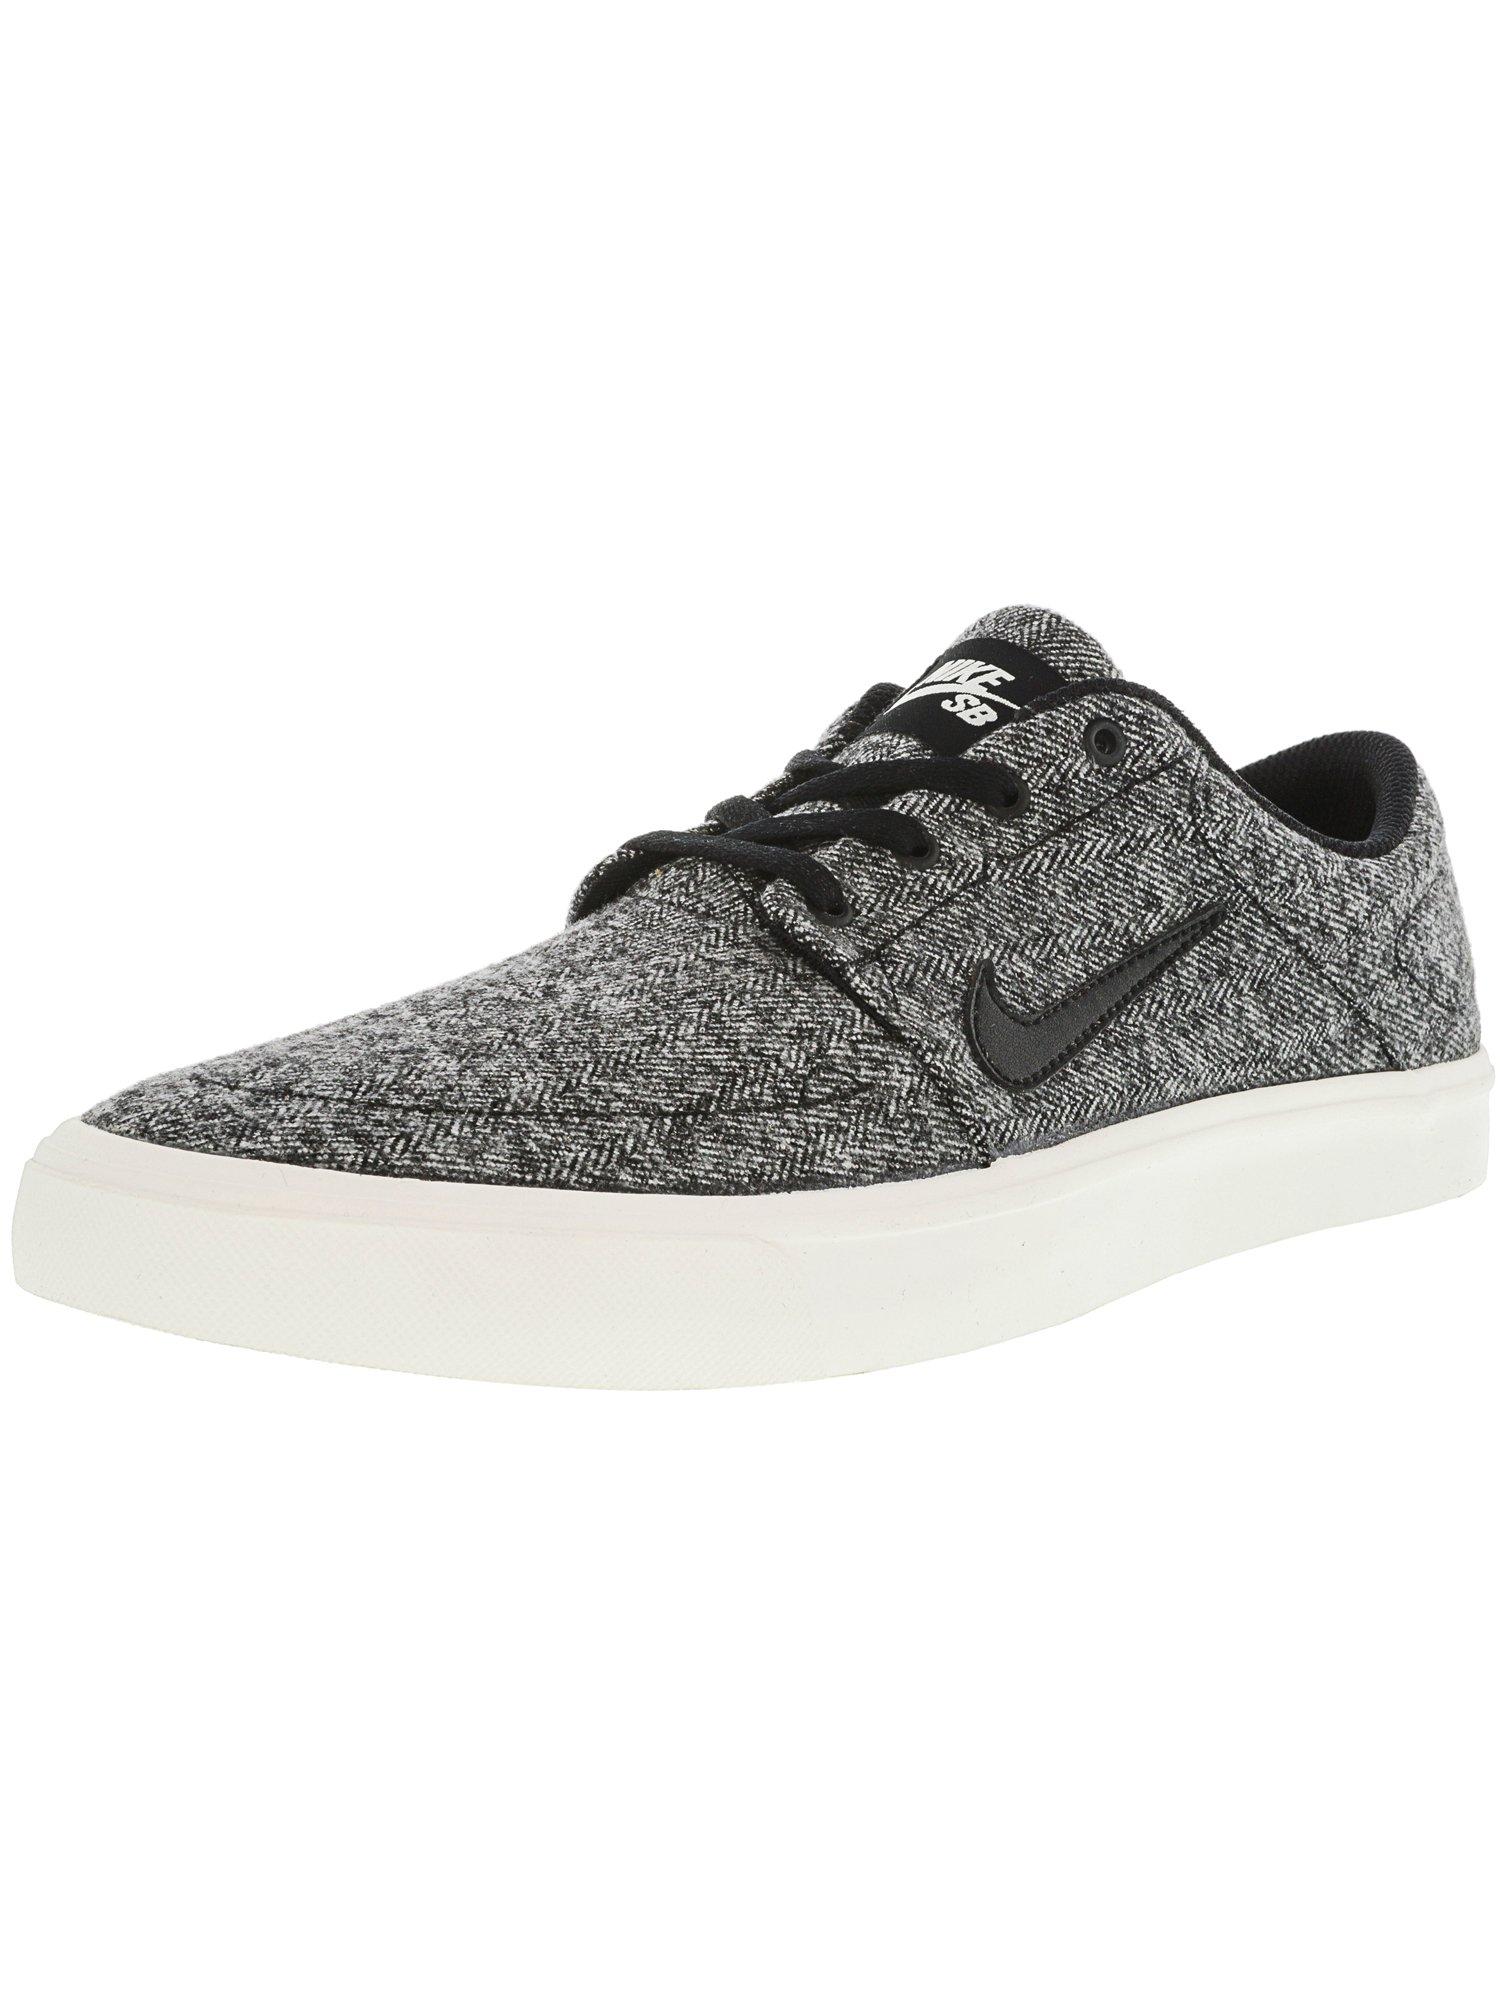 f548ed4dcfc8 Nike Men s Sb Portmore Ultralight Black   White-Black Ankle-High  Skateboarding Shoe - 9.5M